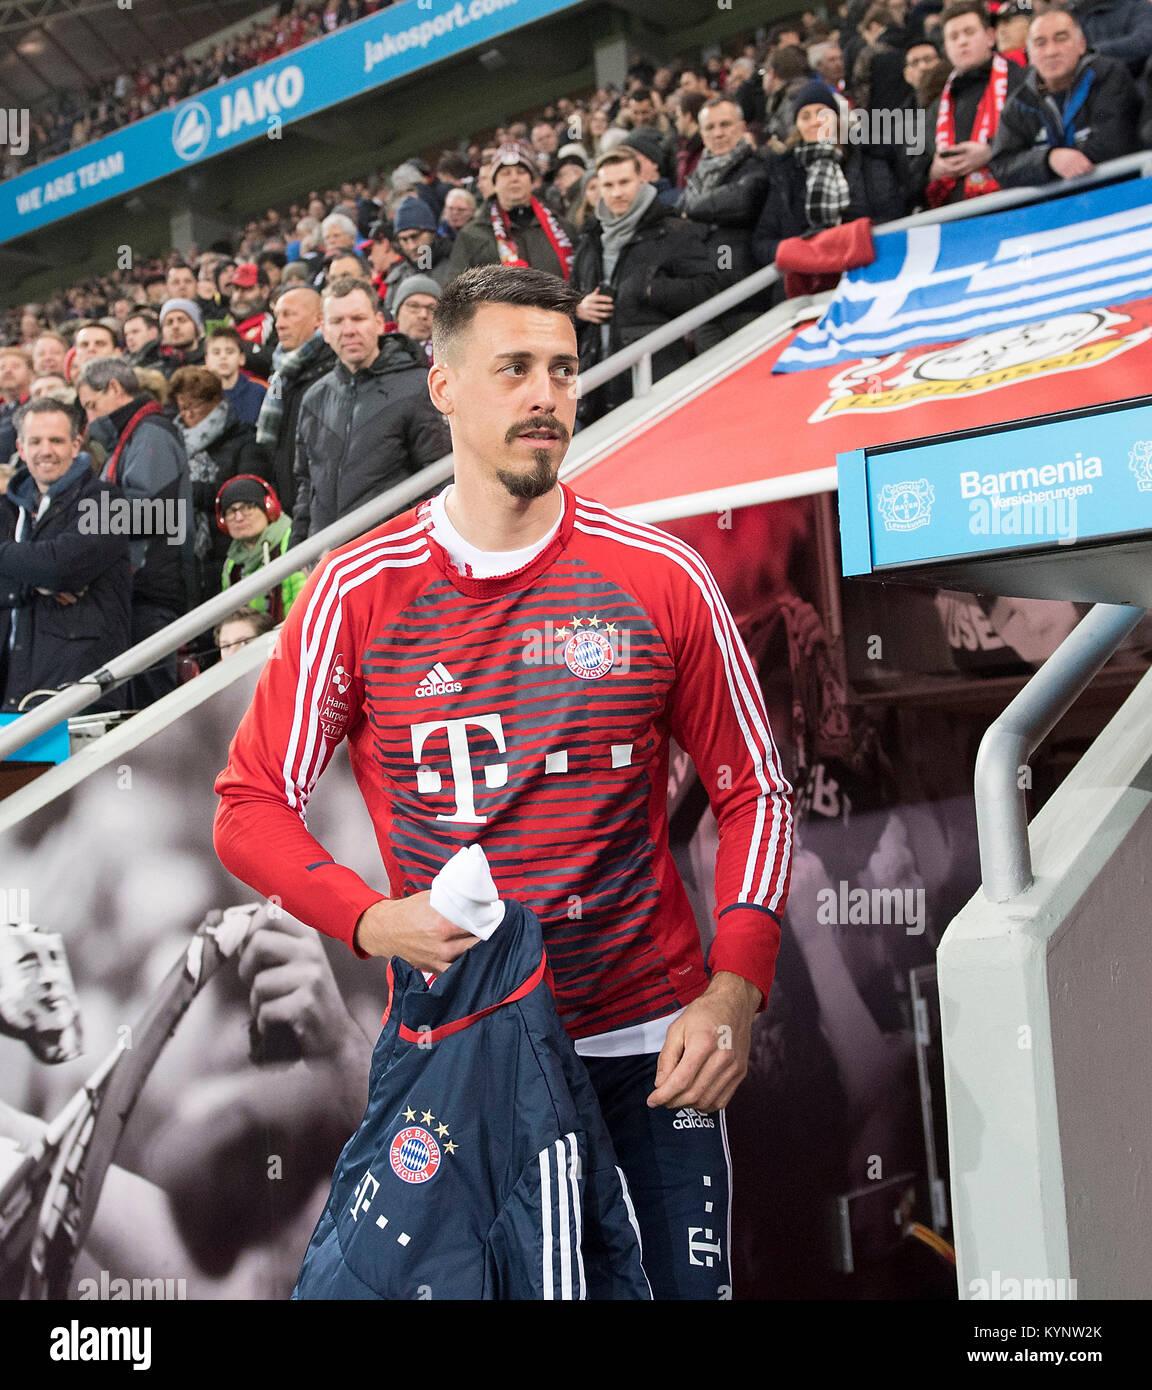 Leverkusen, Deutschland. 12th Jan, 2018. Sandro WAGNER (M) auf dem Weg zur Ersatzbank Fussball 1. Bundesliga, 18. - Stock Image